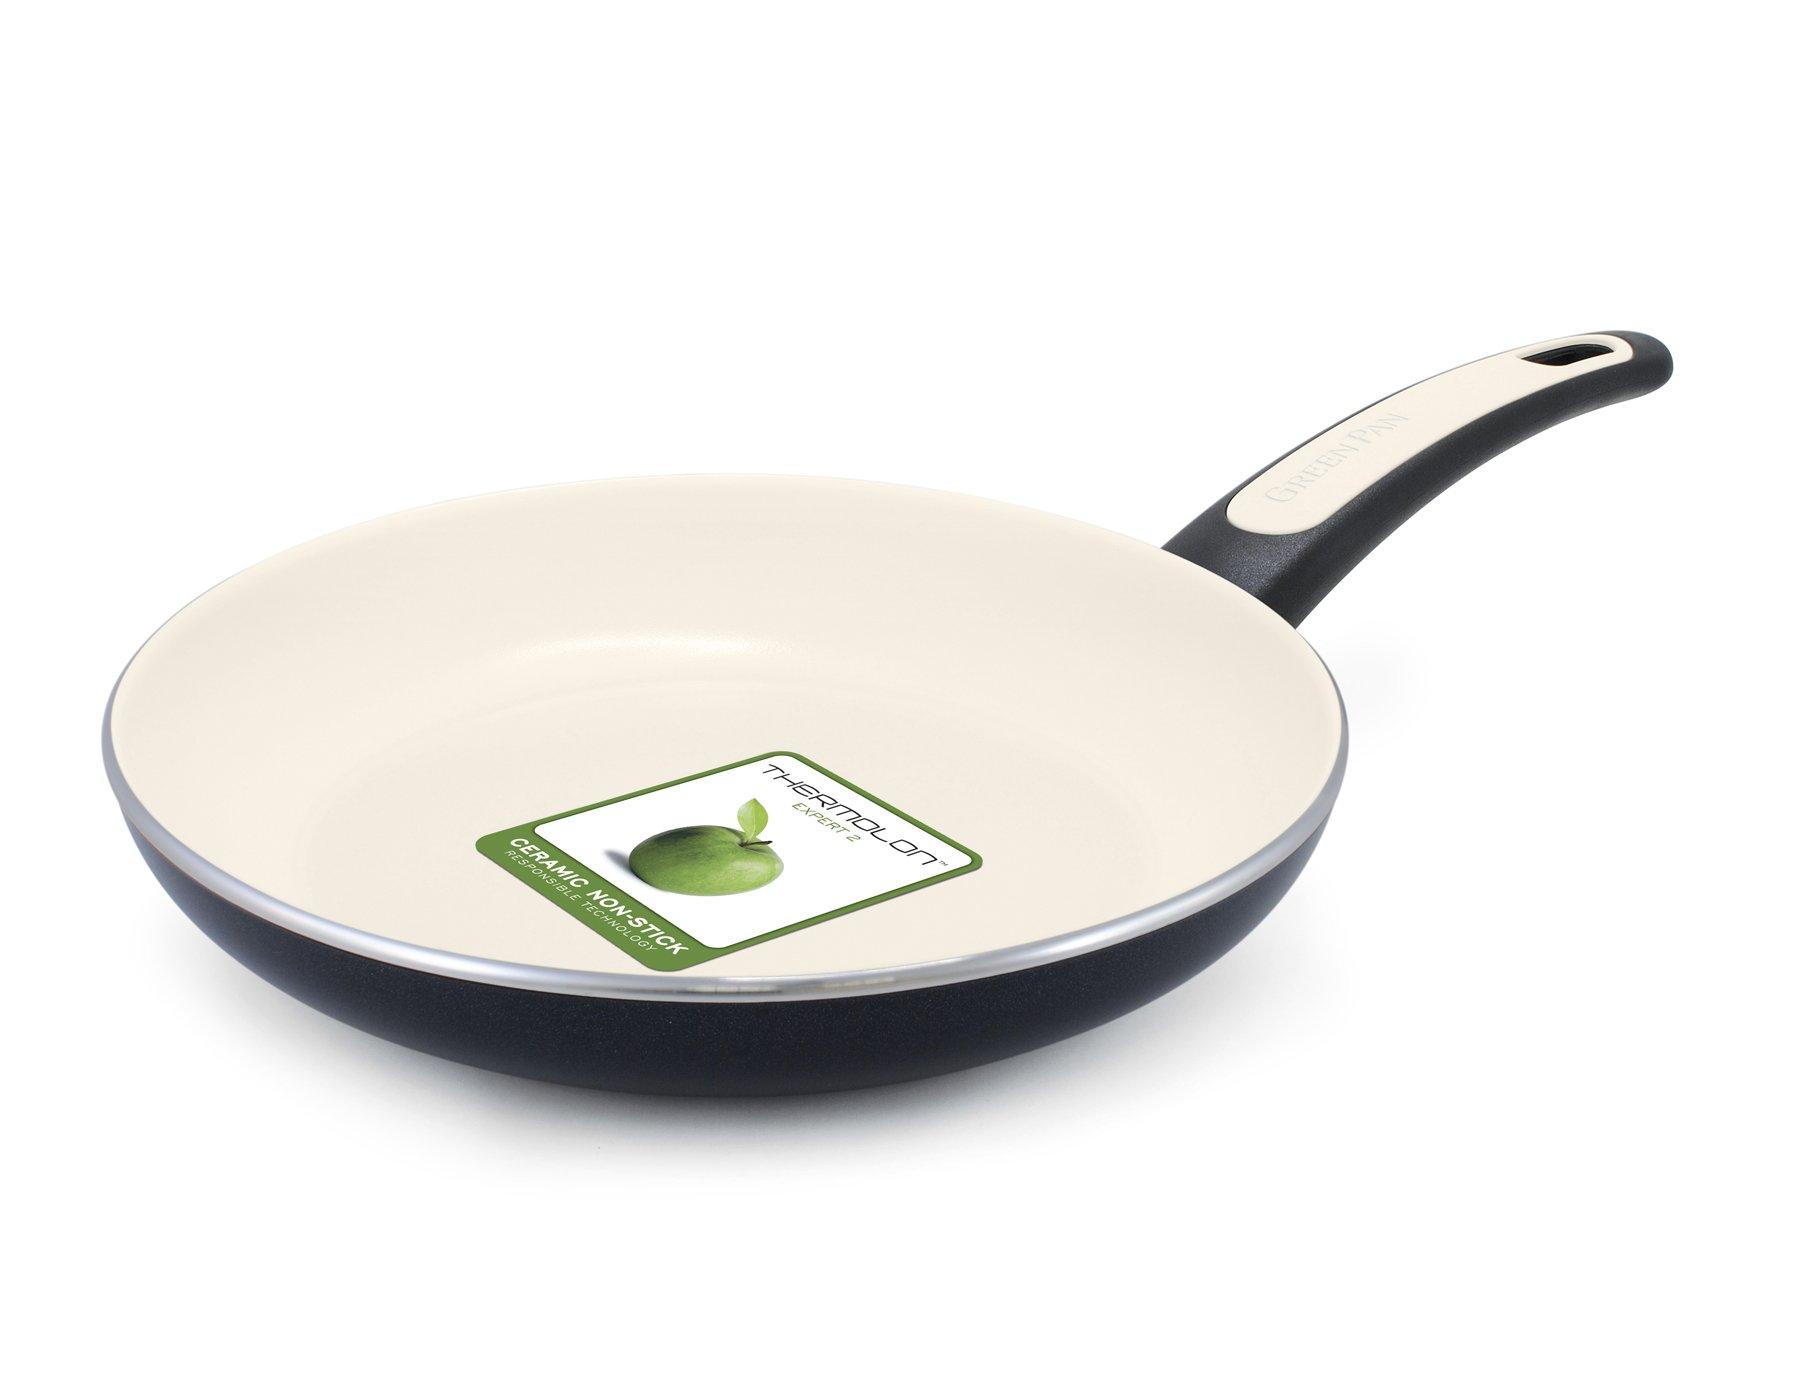 Vita+Verde 9.5'' Ceramic Non-Stick Open Frypan, Black